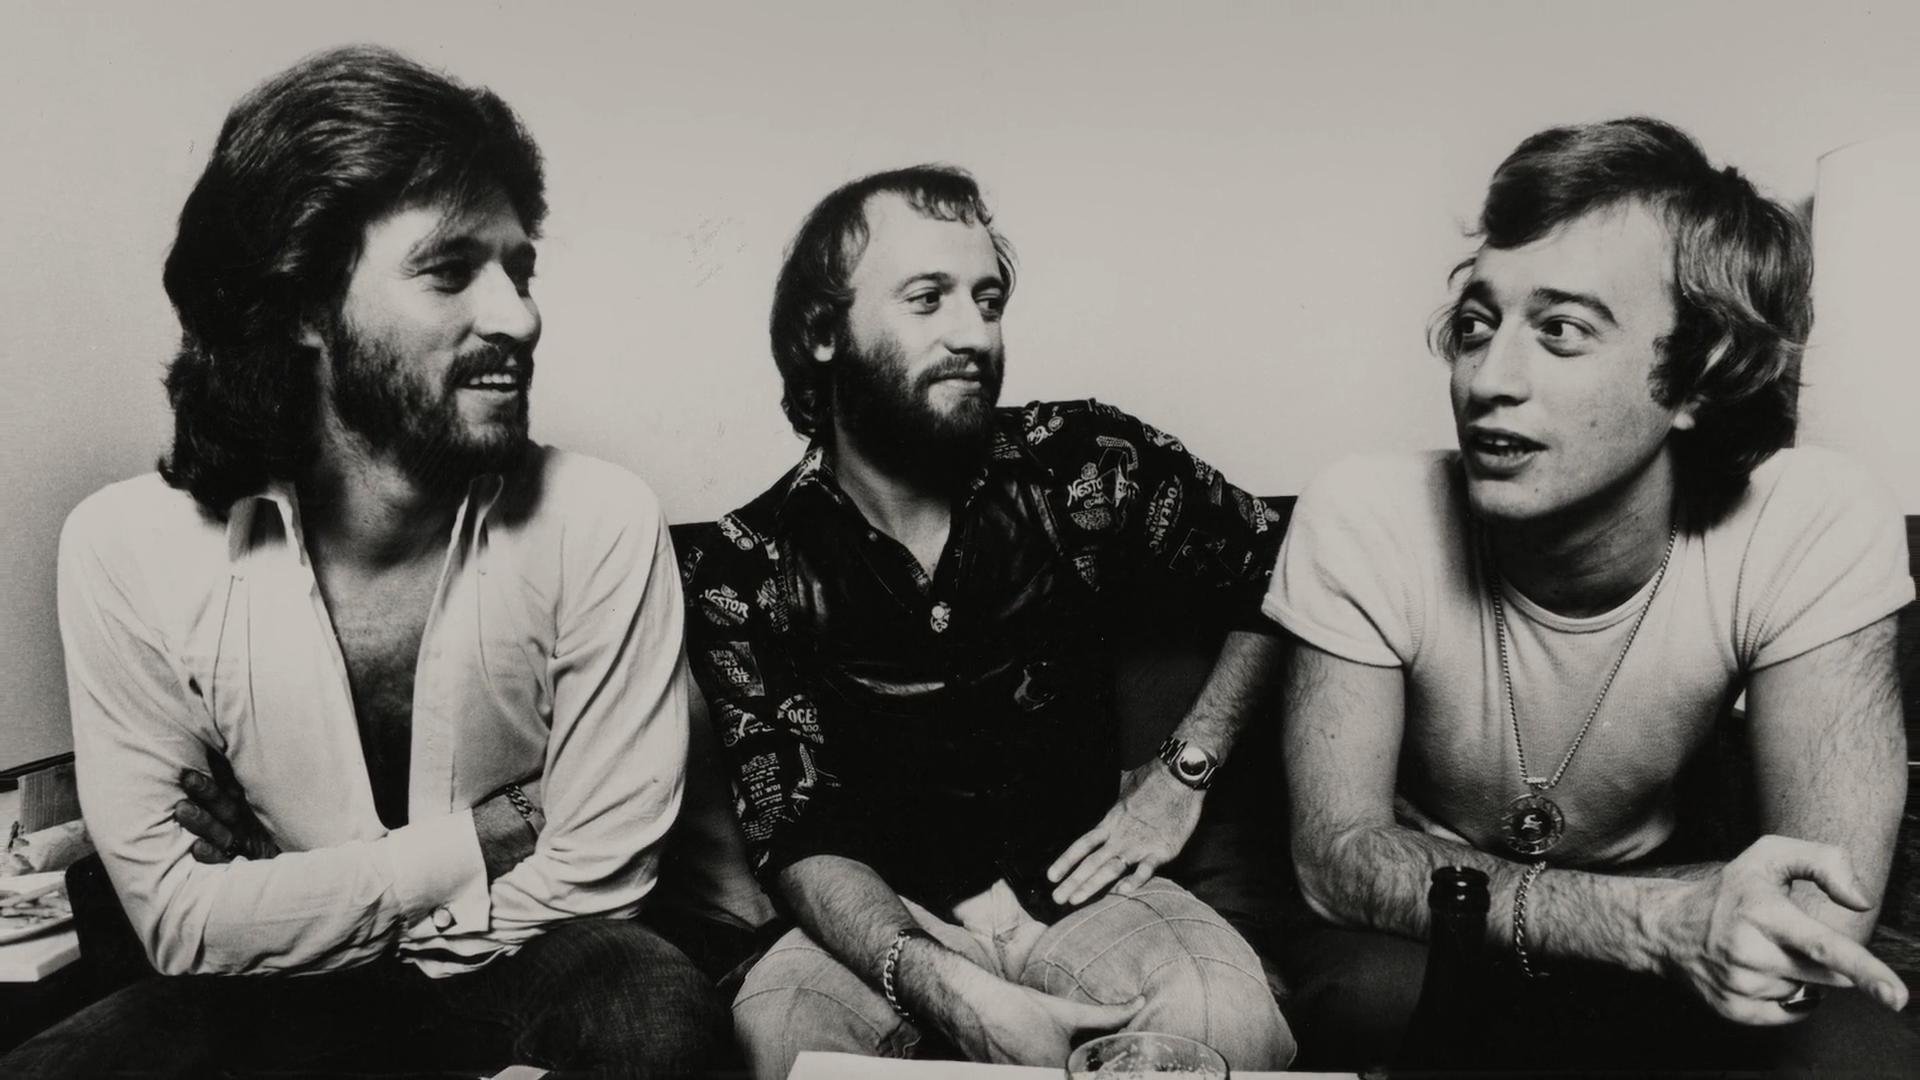 Cena do filme The Bee Gees: How Can You Mend A Broken Heart. A imagem mostra uma fotografia em preto e branco dos três irmãos Gibb sentados, se olhando, enquanto conversam. Primeiro, à esquerda, está Barry Gibb, uma homem branco, de cabelos lisos na altura do ombro e barba cheia. Ele veste uma camisa branca desabotoada até o peito e está de braços cruzados, olhando para Robin, que está no lado direito. Ele também é um homem branco, tem cabelos curtos lisos e veste uma camiseta clara e colares longos no pescoço, apoia os cotovelos nos joelhos e olha para Barry de volta, conversando com o irmão. No meio, está Maurice Gibb, também um homem branco, de cabelos médios e barba cheia, que veste uma camisa estampada. Ele também olha para a direita, onde está Robin, e está com a mão esquerda na cintura e a mão direita segura a perna esquerda. Na frente do trio, aparece um pedaço de uma mesa, com copos e garrafas de bebidas. Eles estão sentados num sofá preto na frente de uma parede lisa e clara.